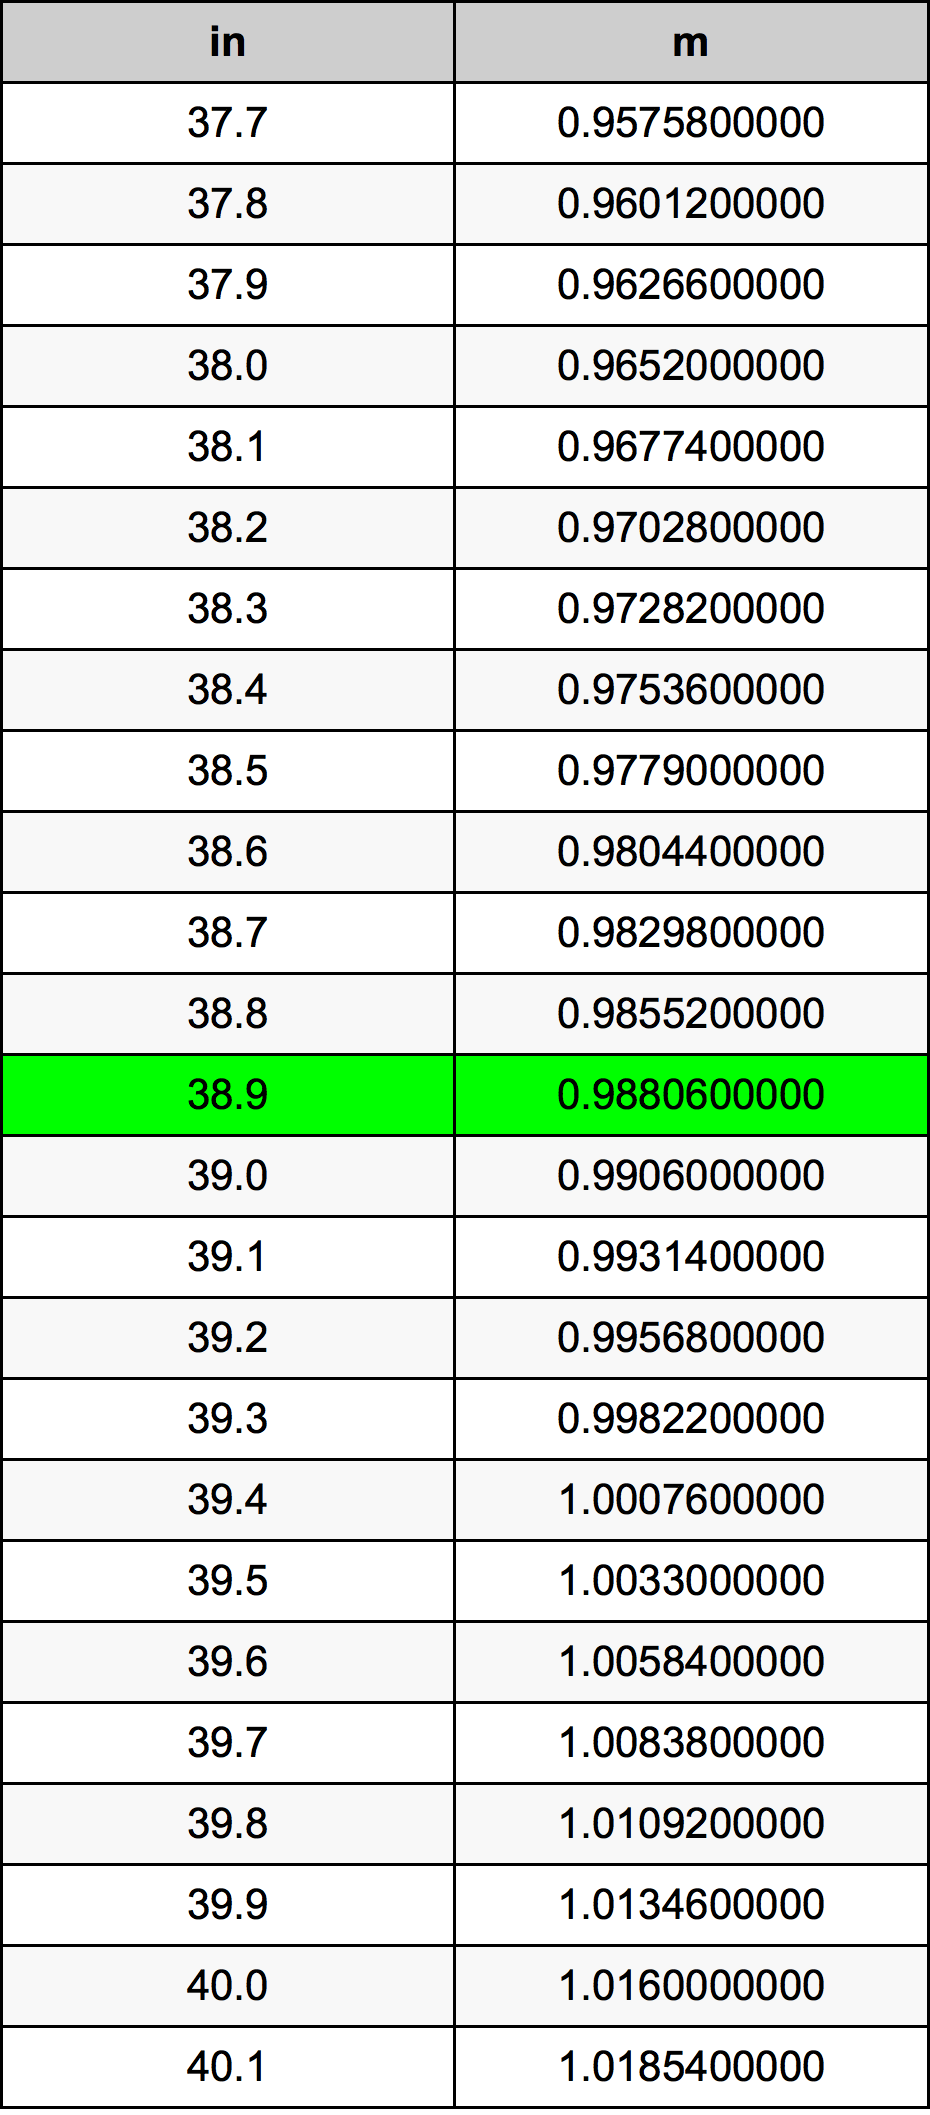 38.9 Polegada tabela de conversão